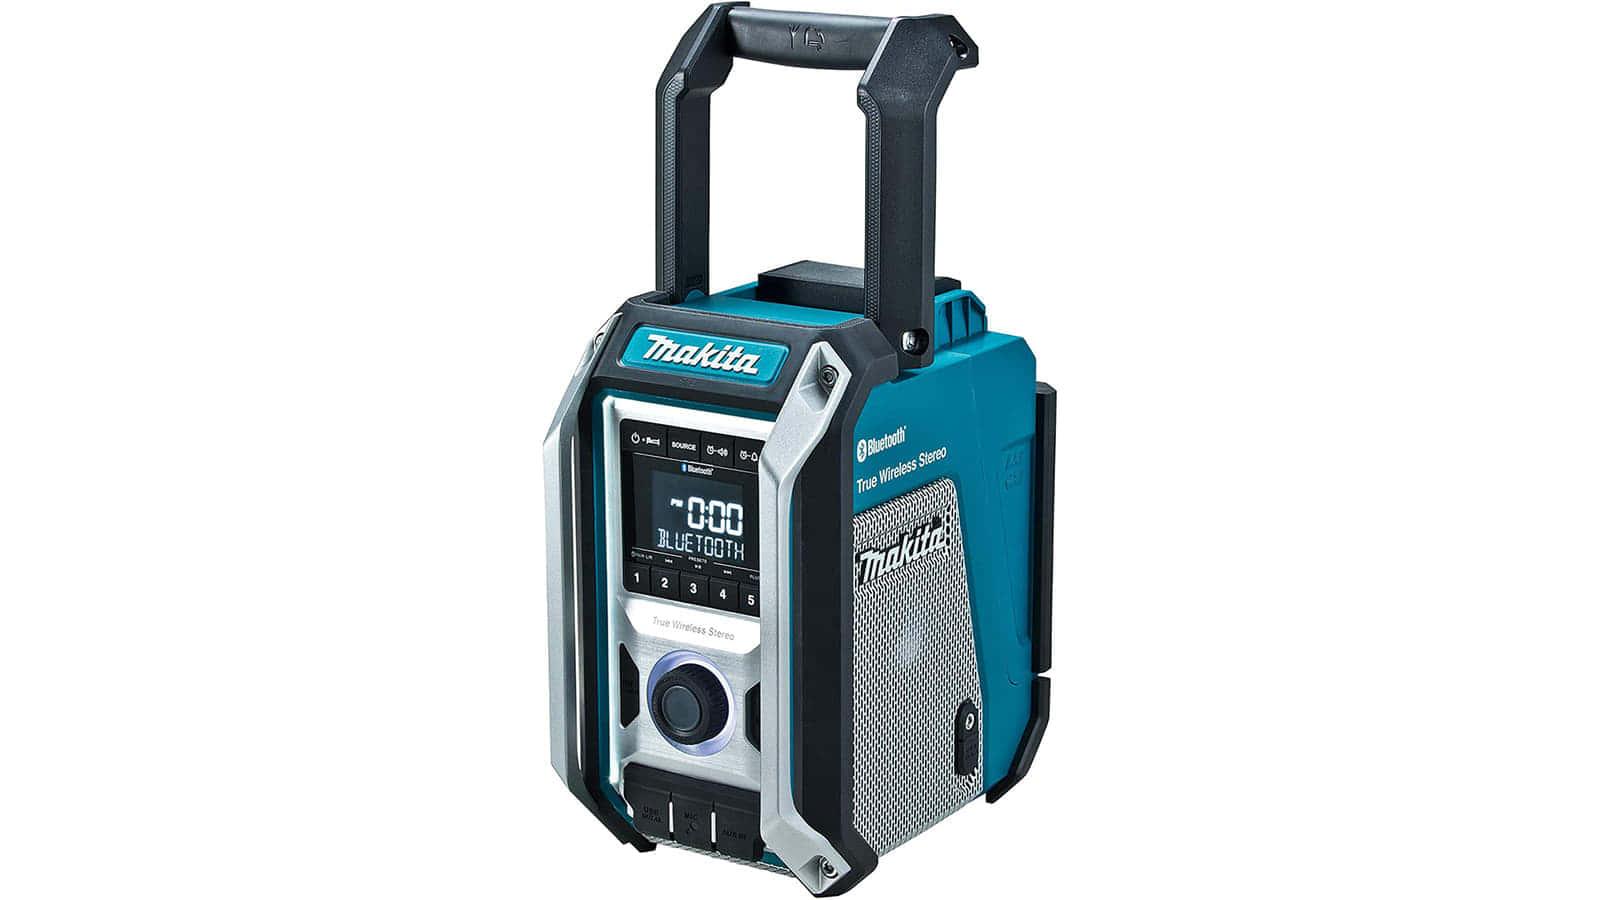 マキタ MR113 充電式ラジオスピーカー、Bluetooth機能を強化